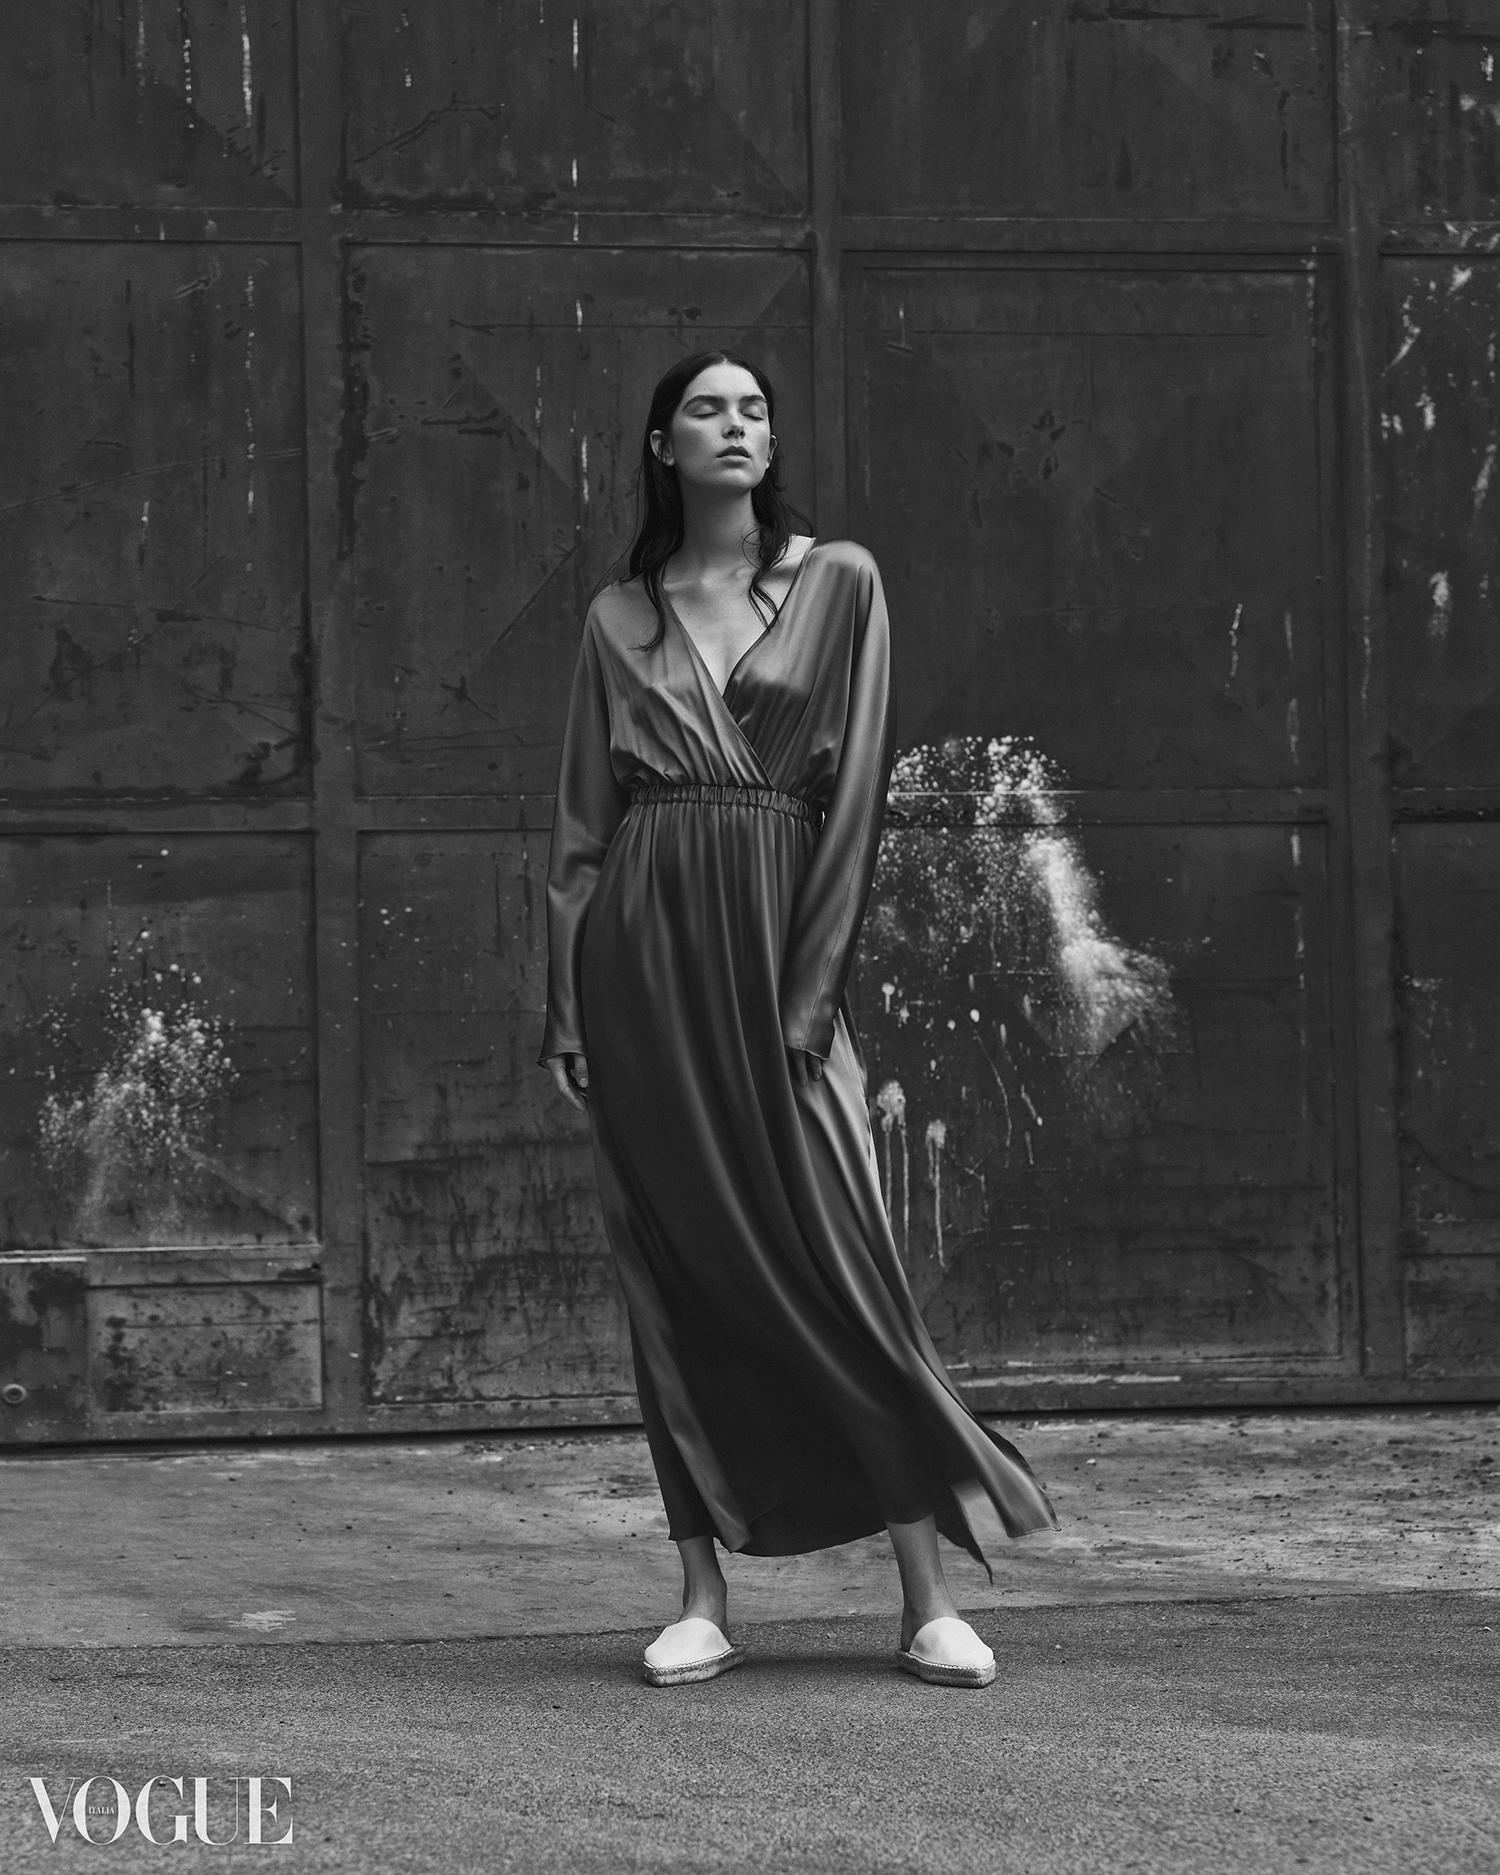 Sanne De Roo Photo Vogue Giuseppe Vitariello